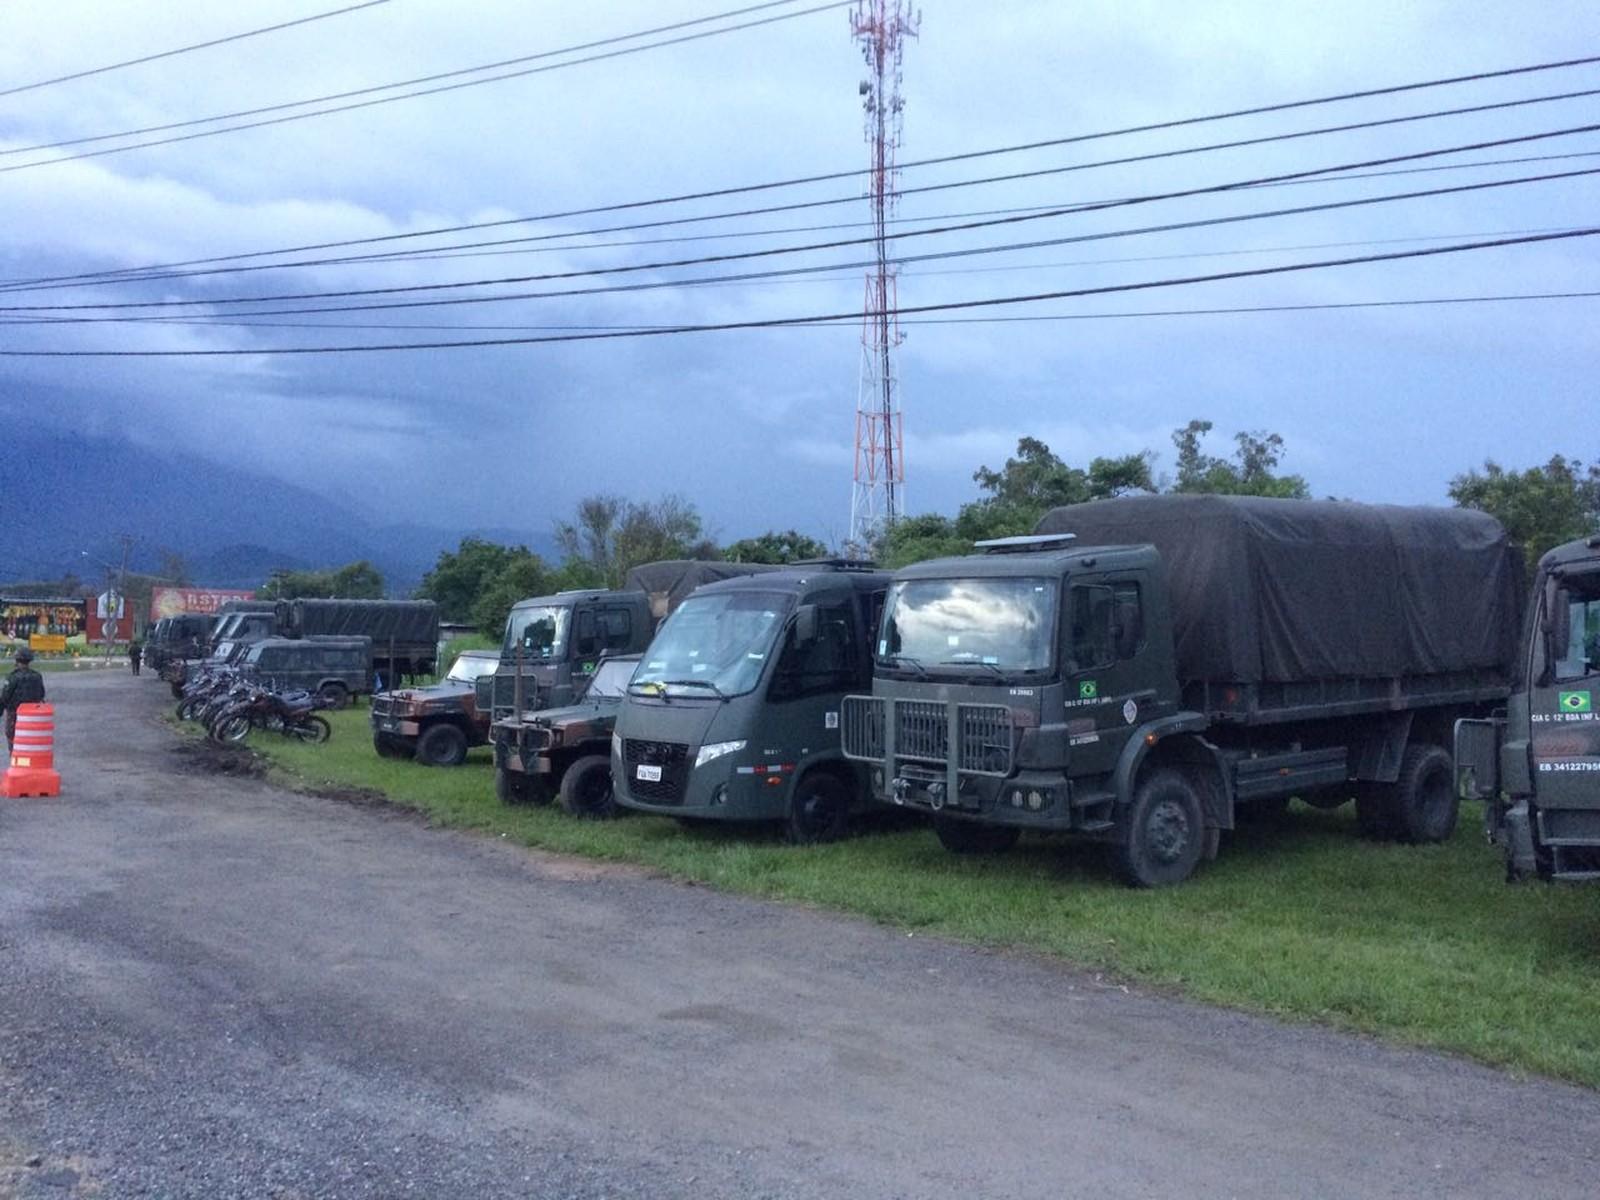 Operação do Exército para combater criminalidade tem base na Dutra, no Sul do Rio